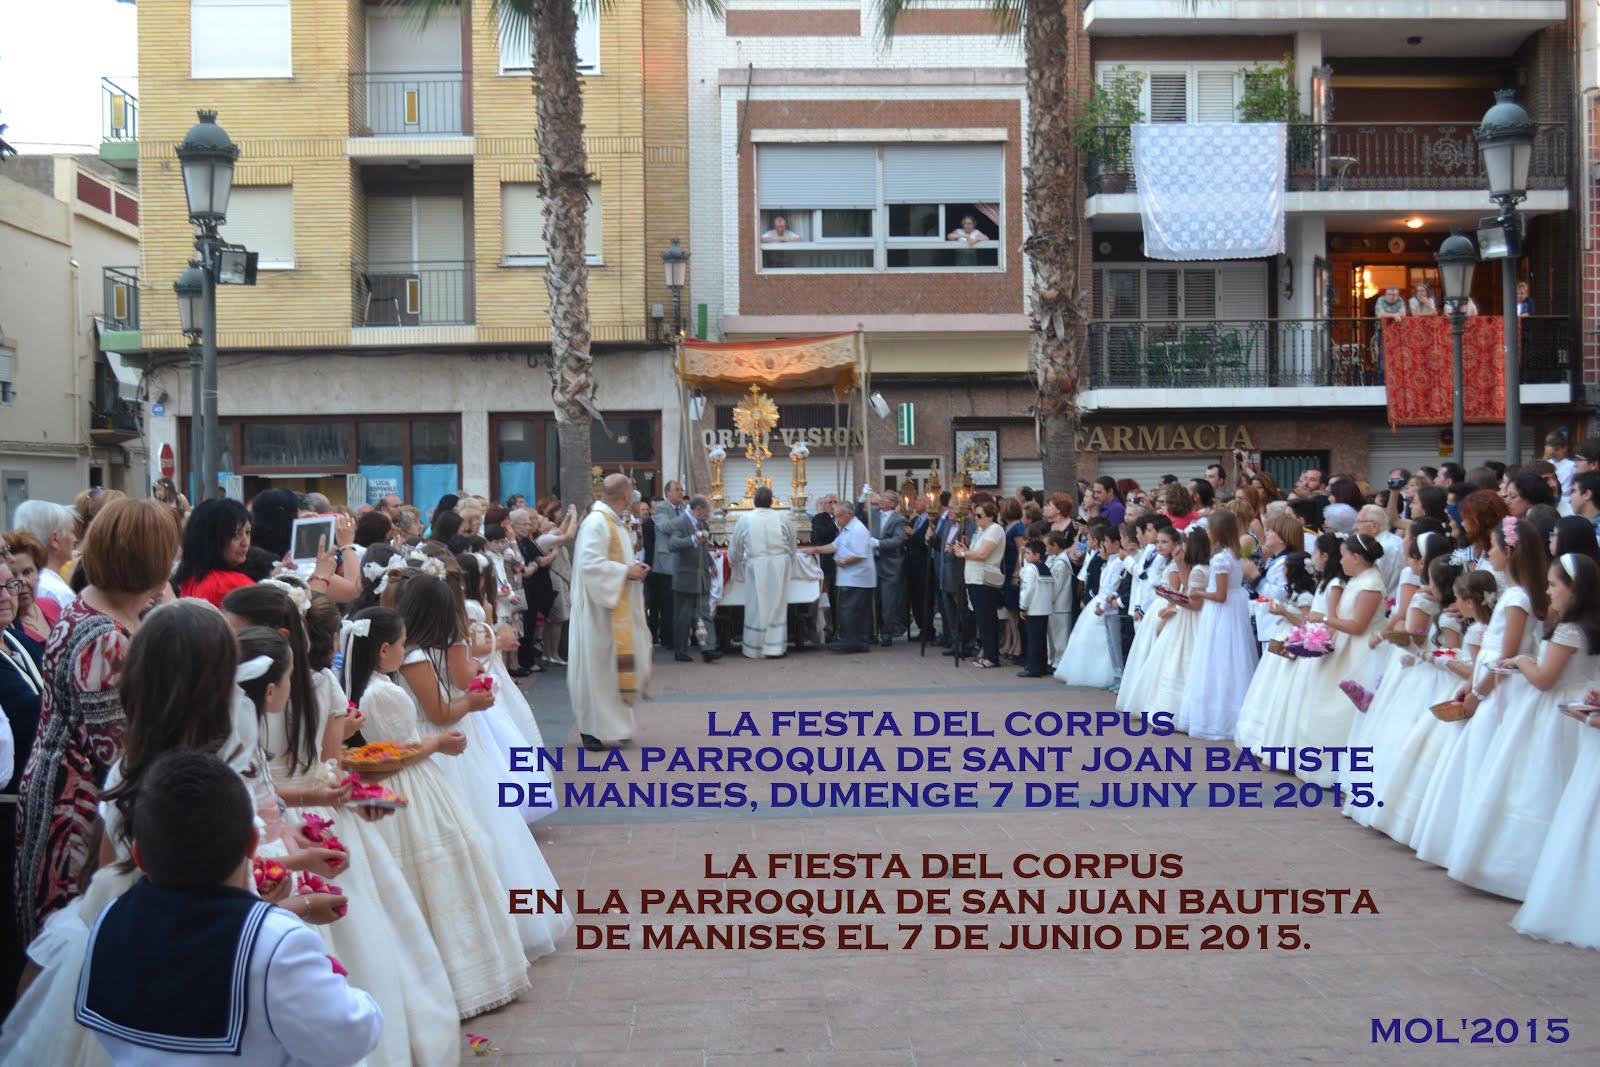 07.06.2015 LA FESTA DEL CORPUS EN MANISES